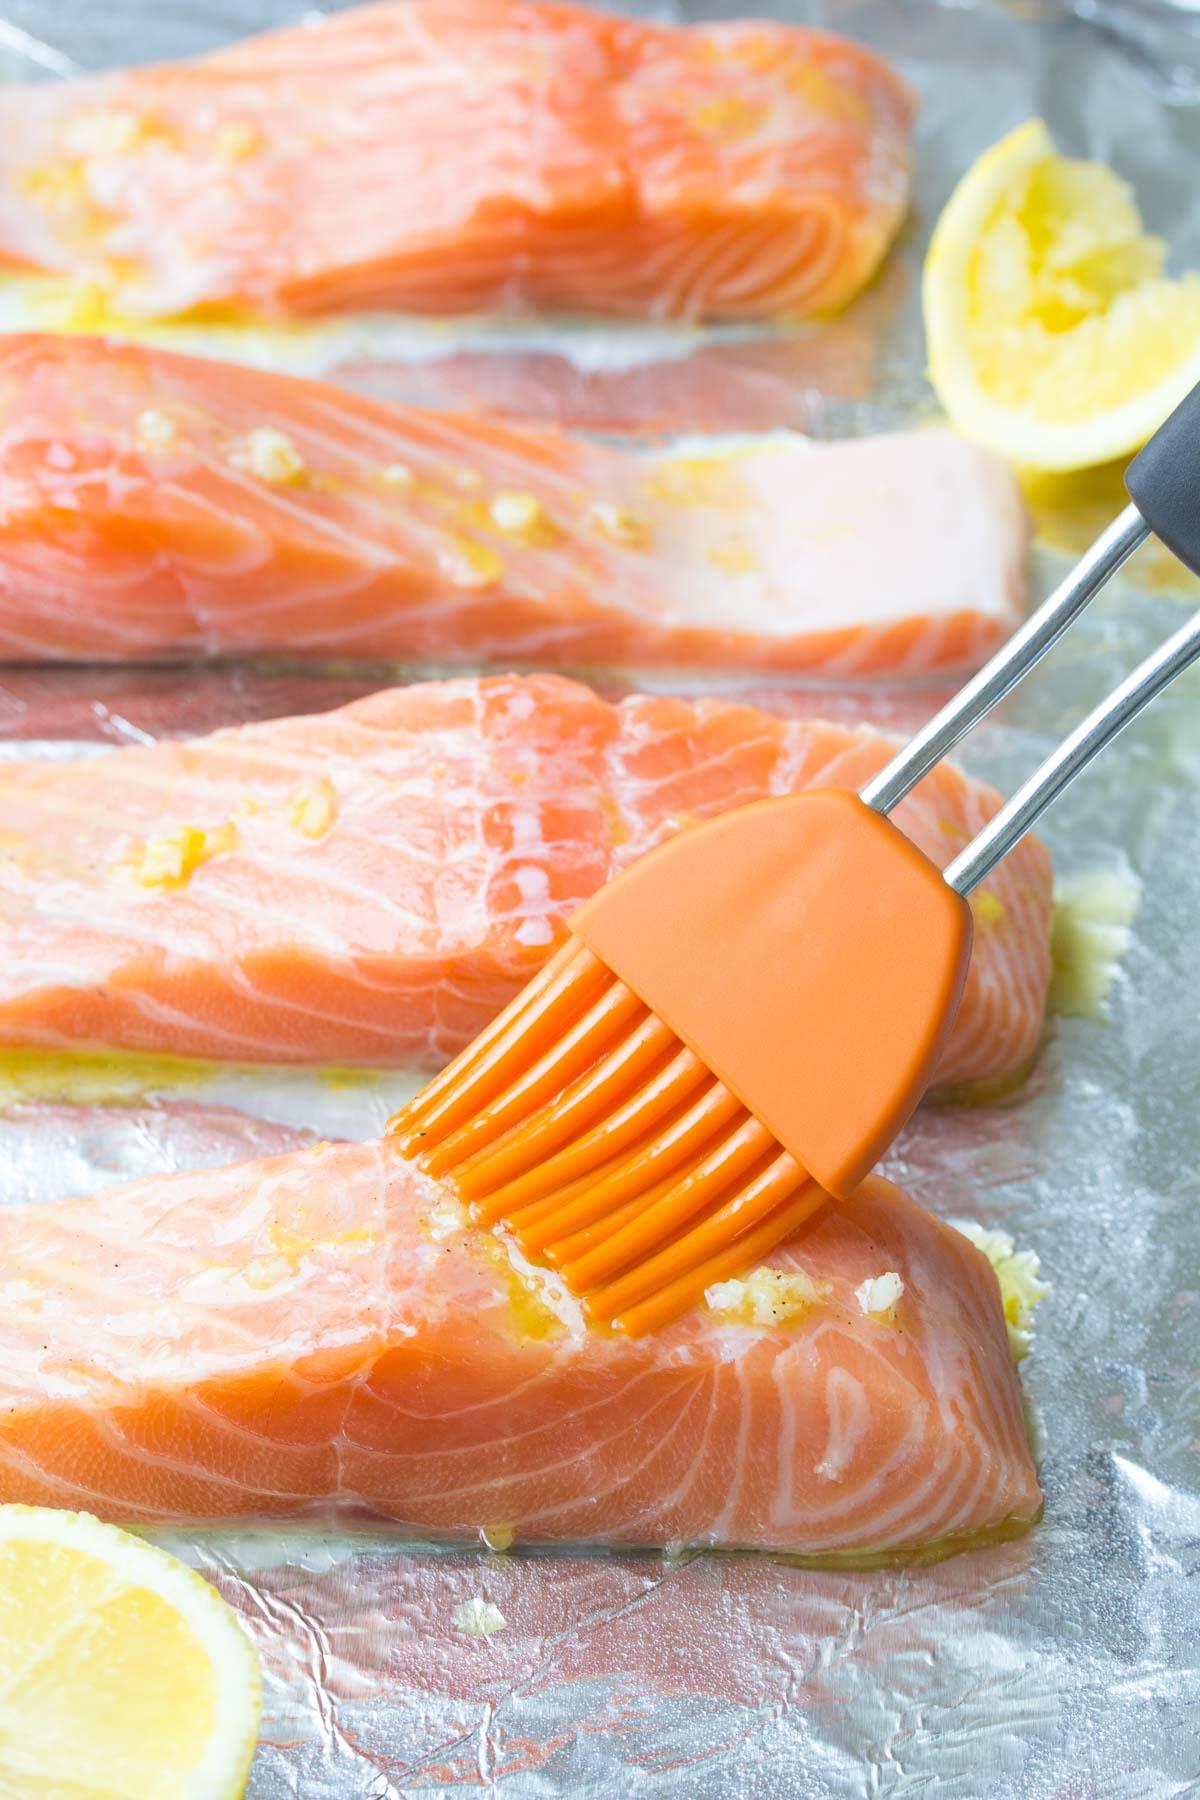 salmon filets brushed with lemon garlic sauce on a sheet pan